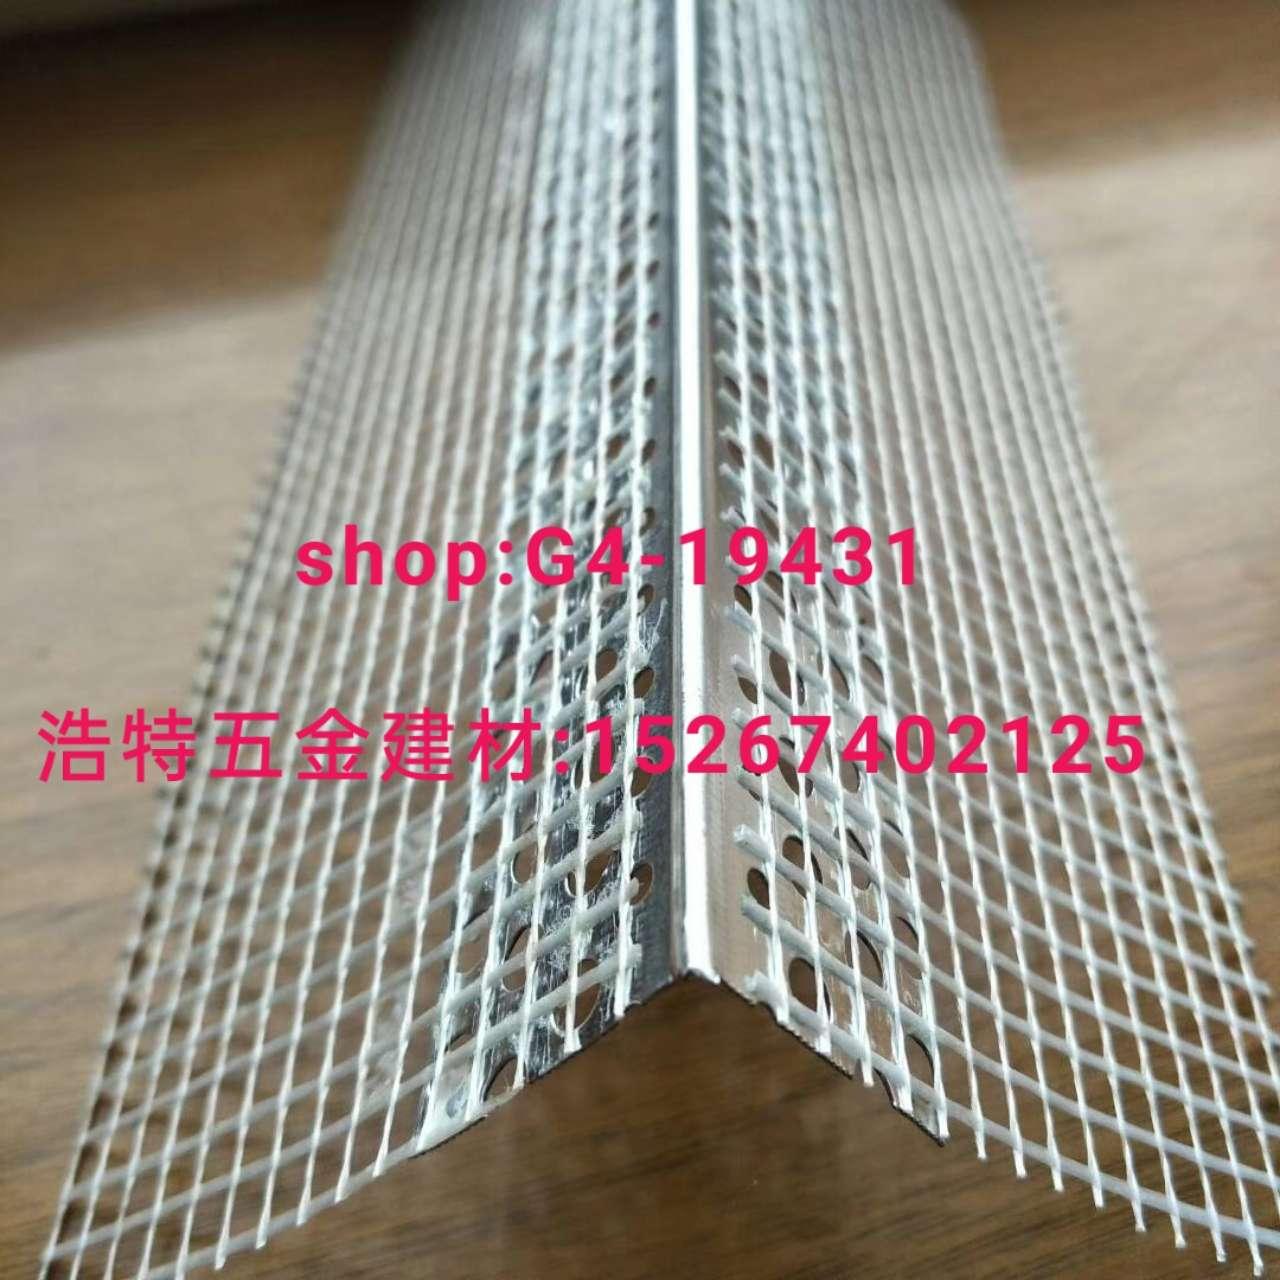 铝护角条阳角条补缝条 修边条分割条直角条卡槽开口条pvc护角网踢脚线铝条。